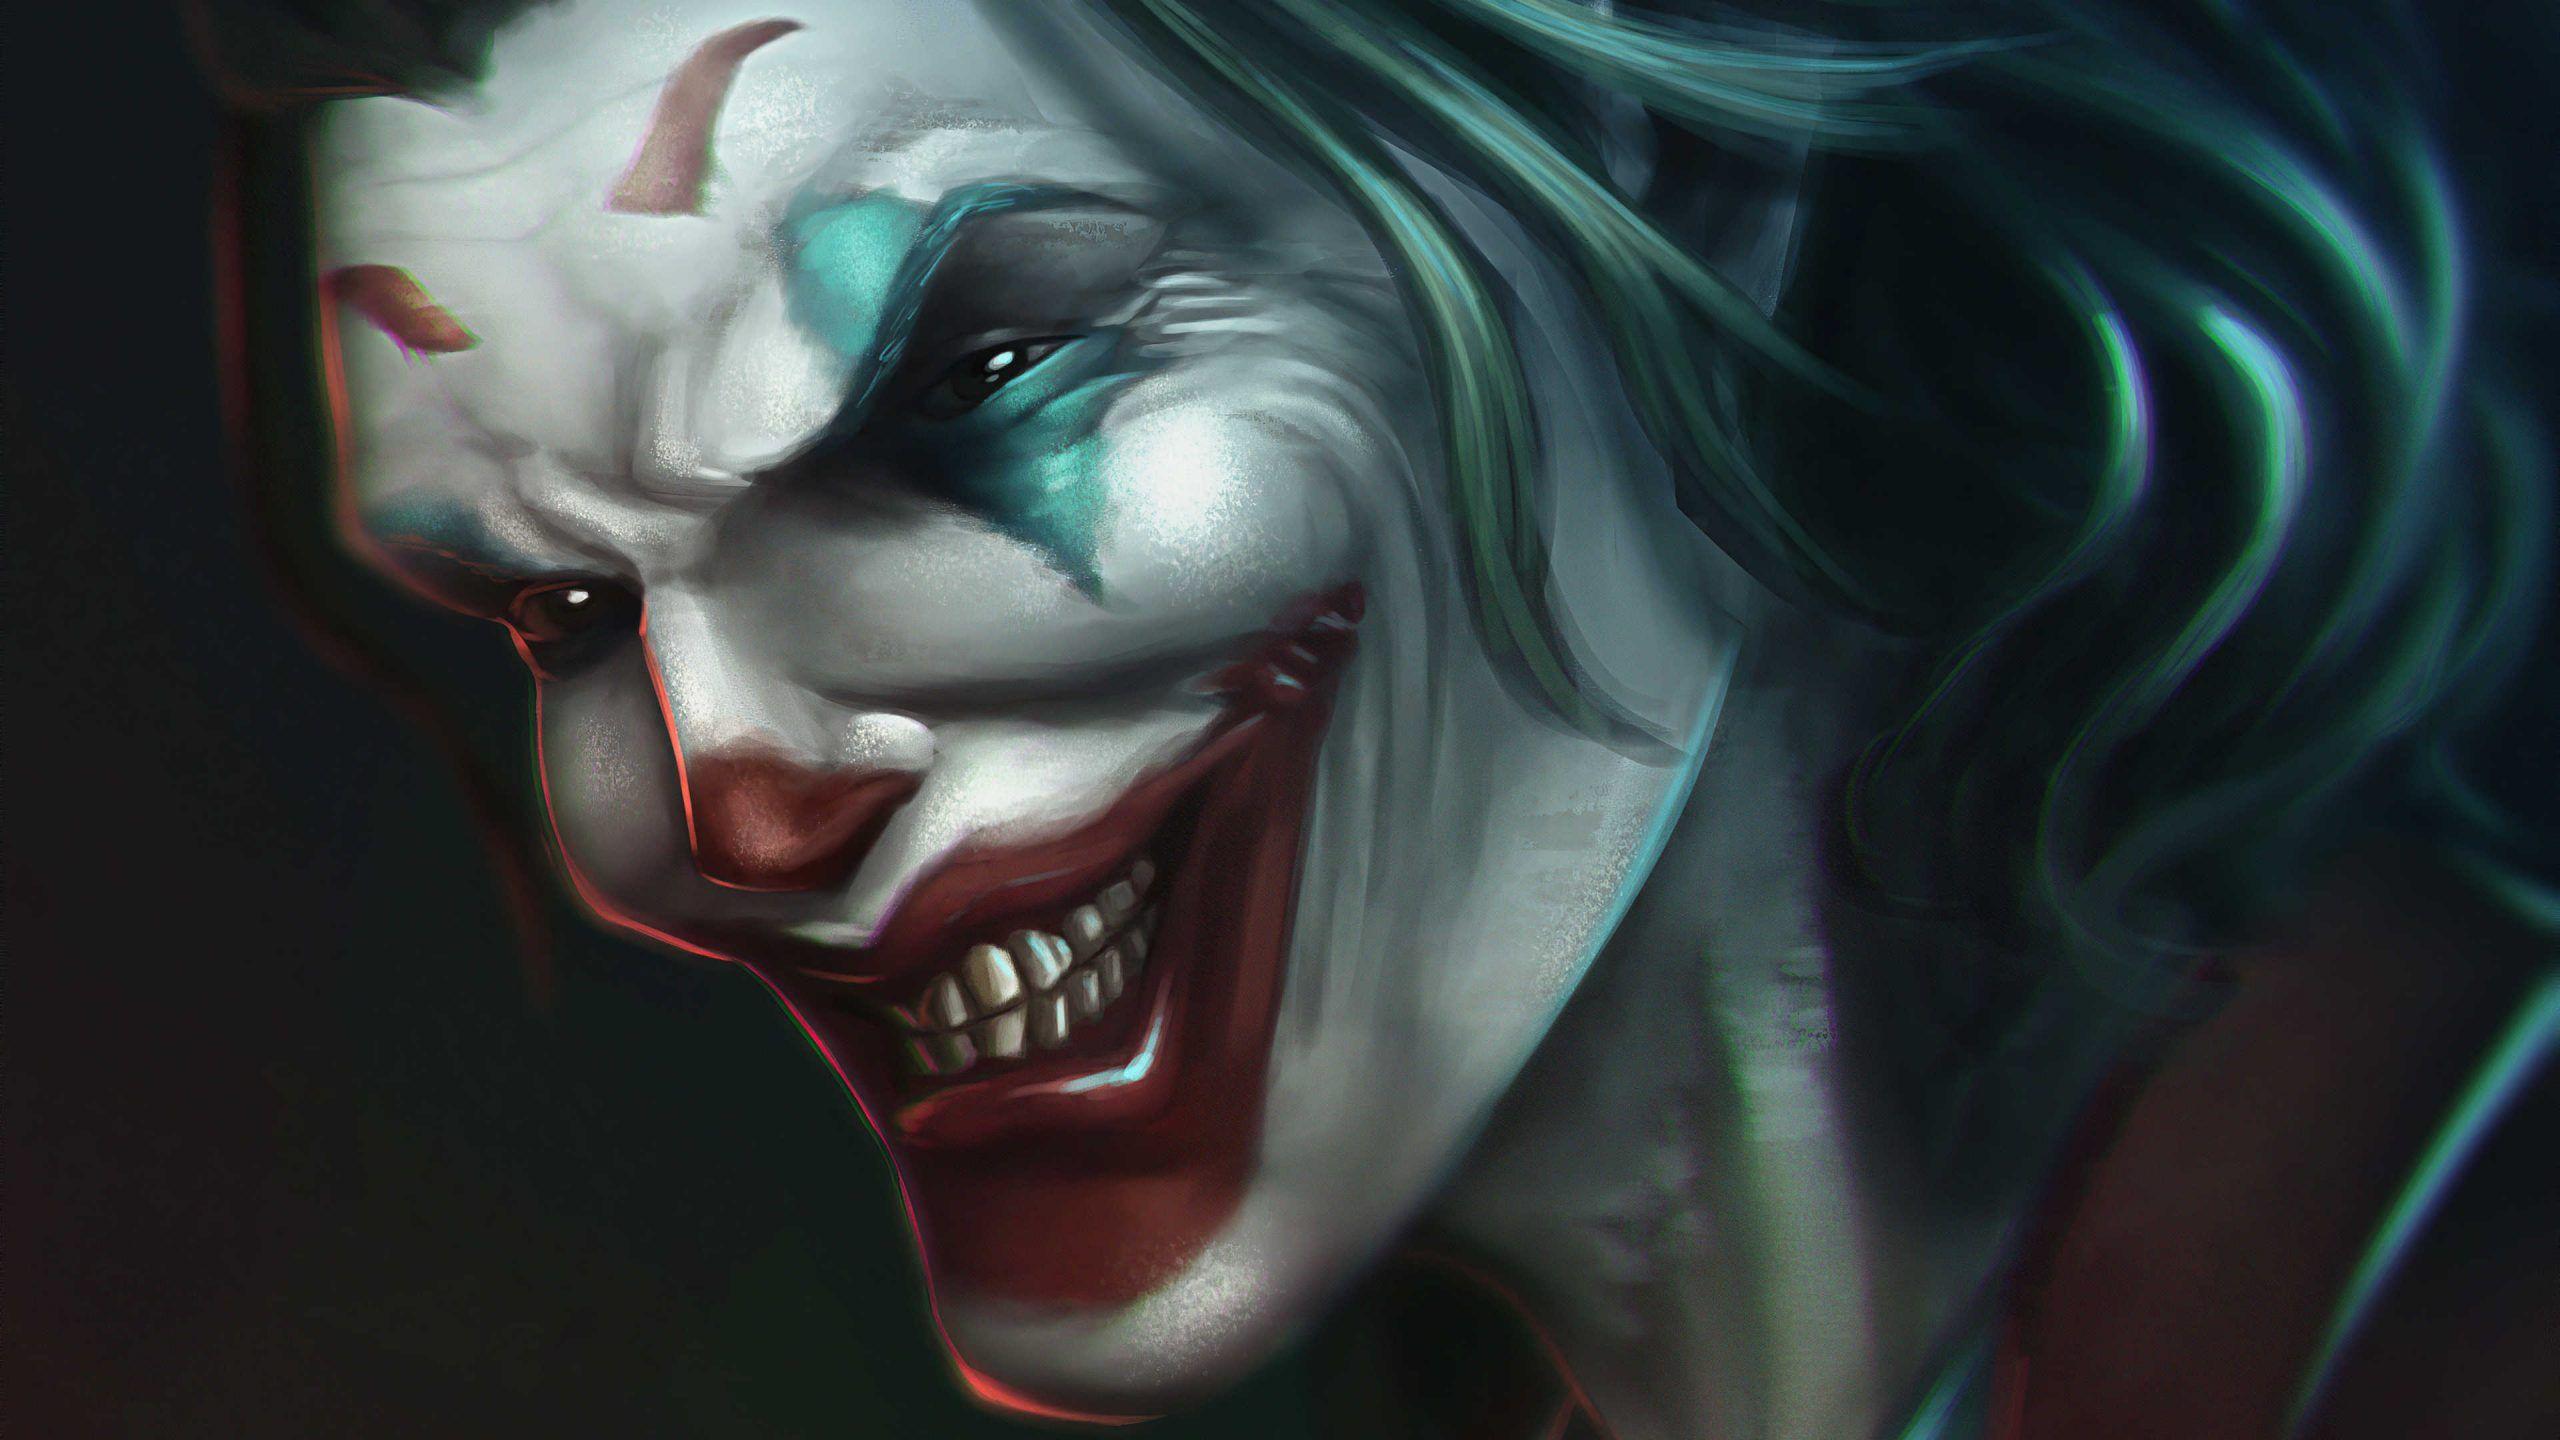 Joker Wallpaper Download En 2021 Lado Oscuro Guason Oscuridad